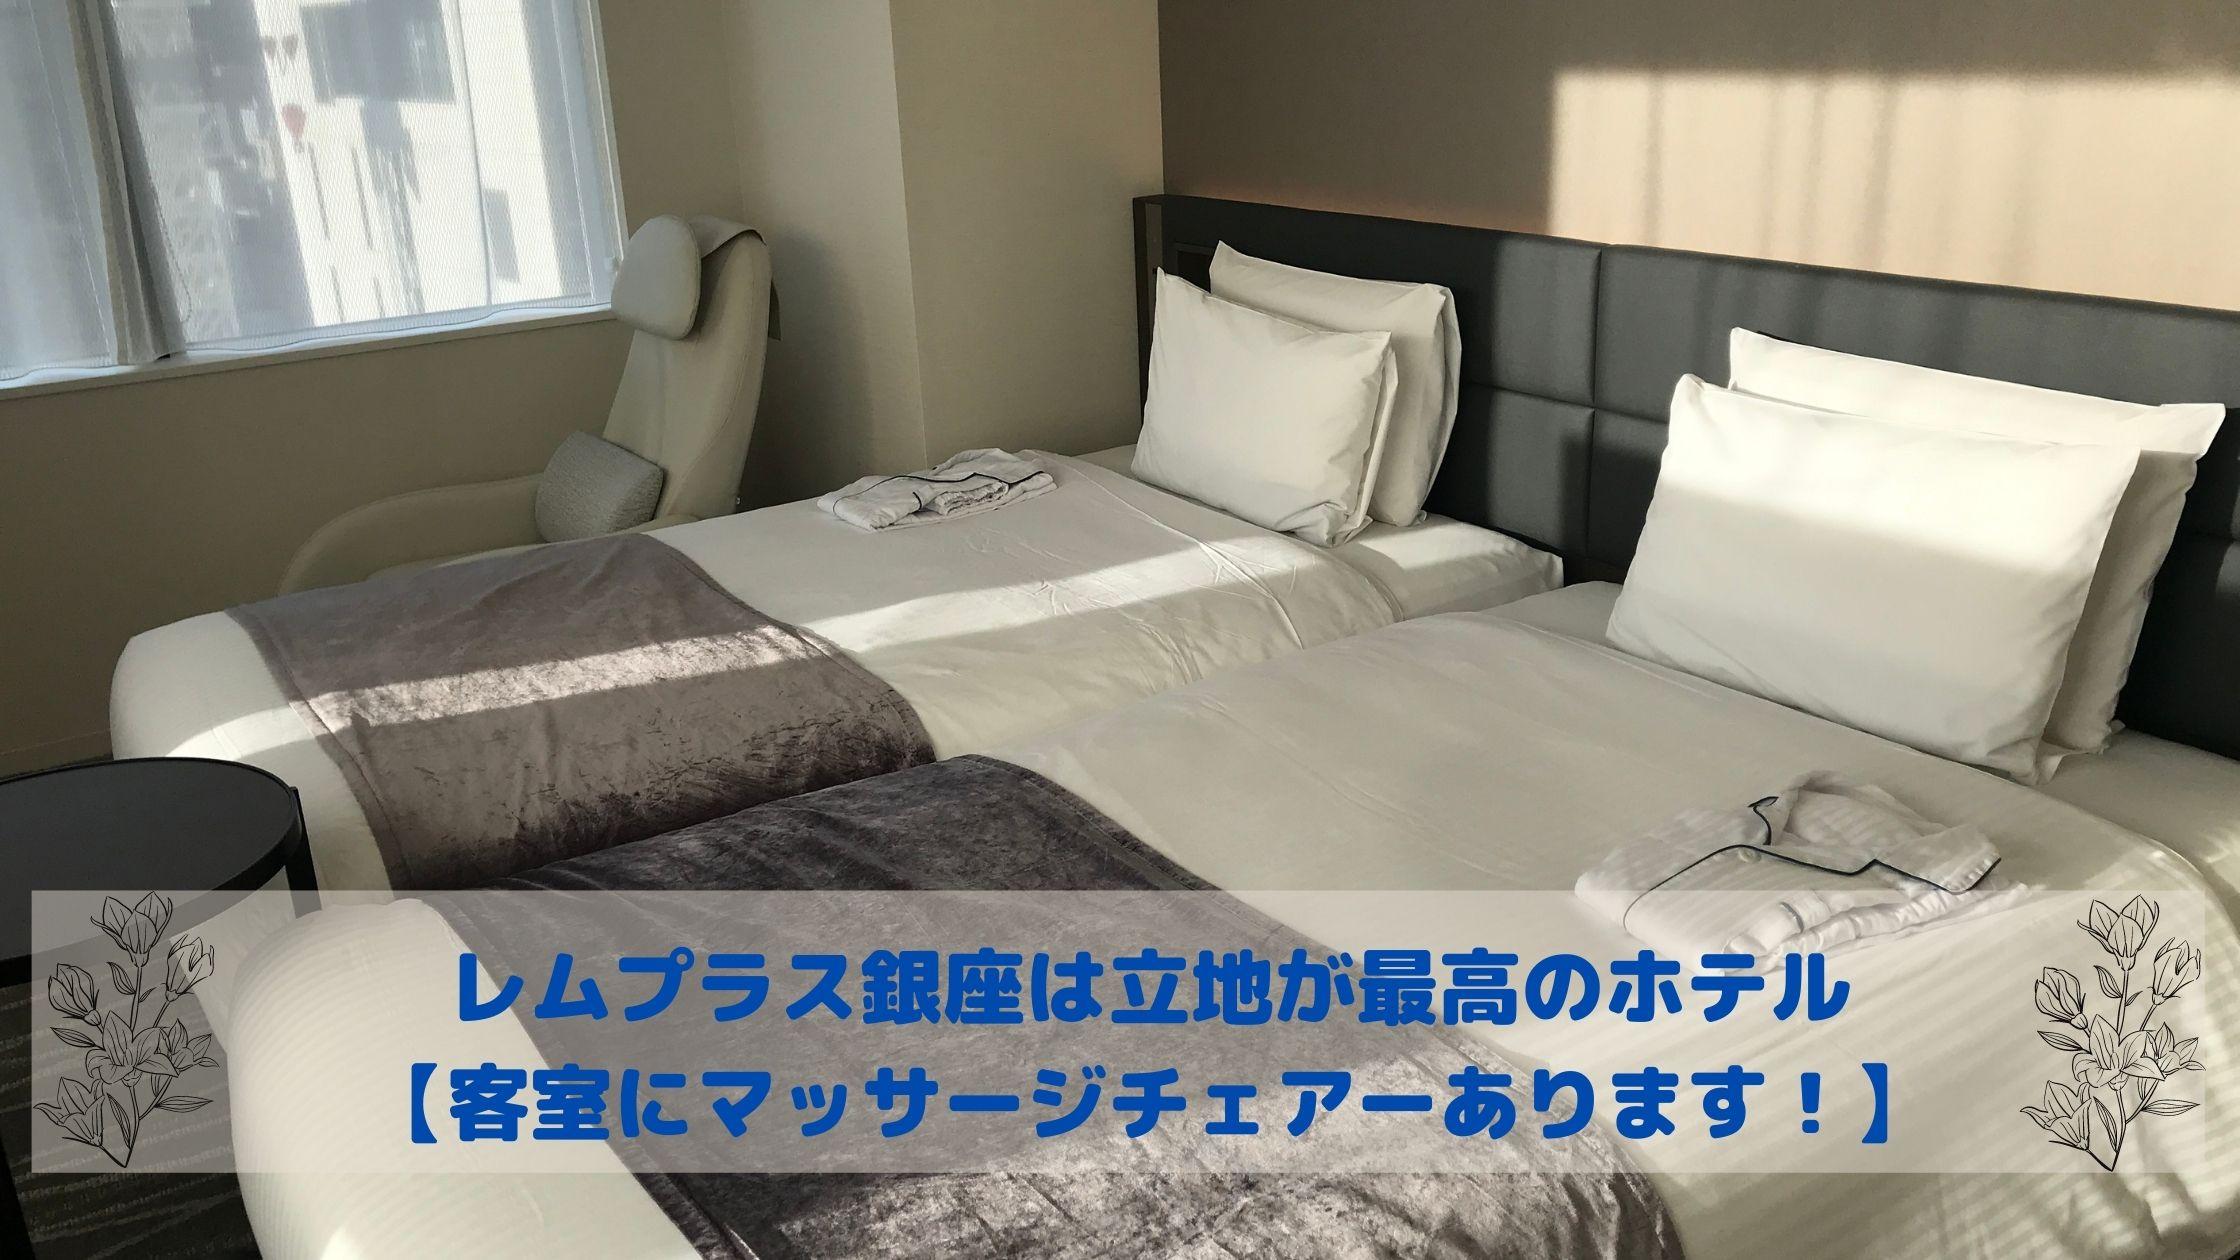 レムプラス銀座 ブログ マッサージチェアー